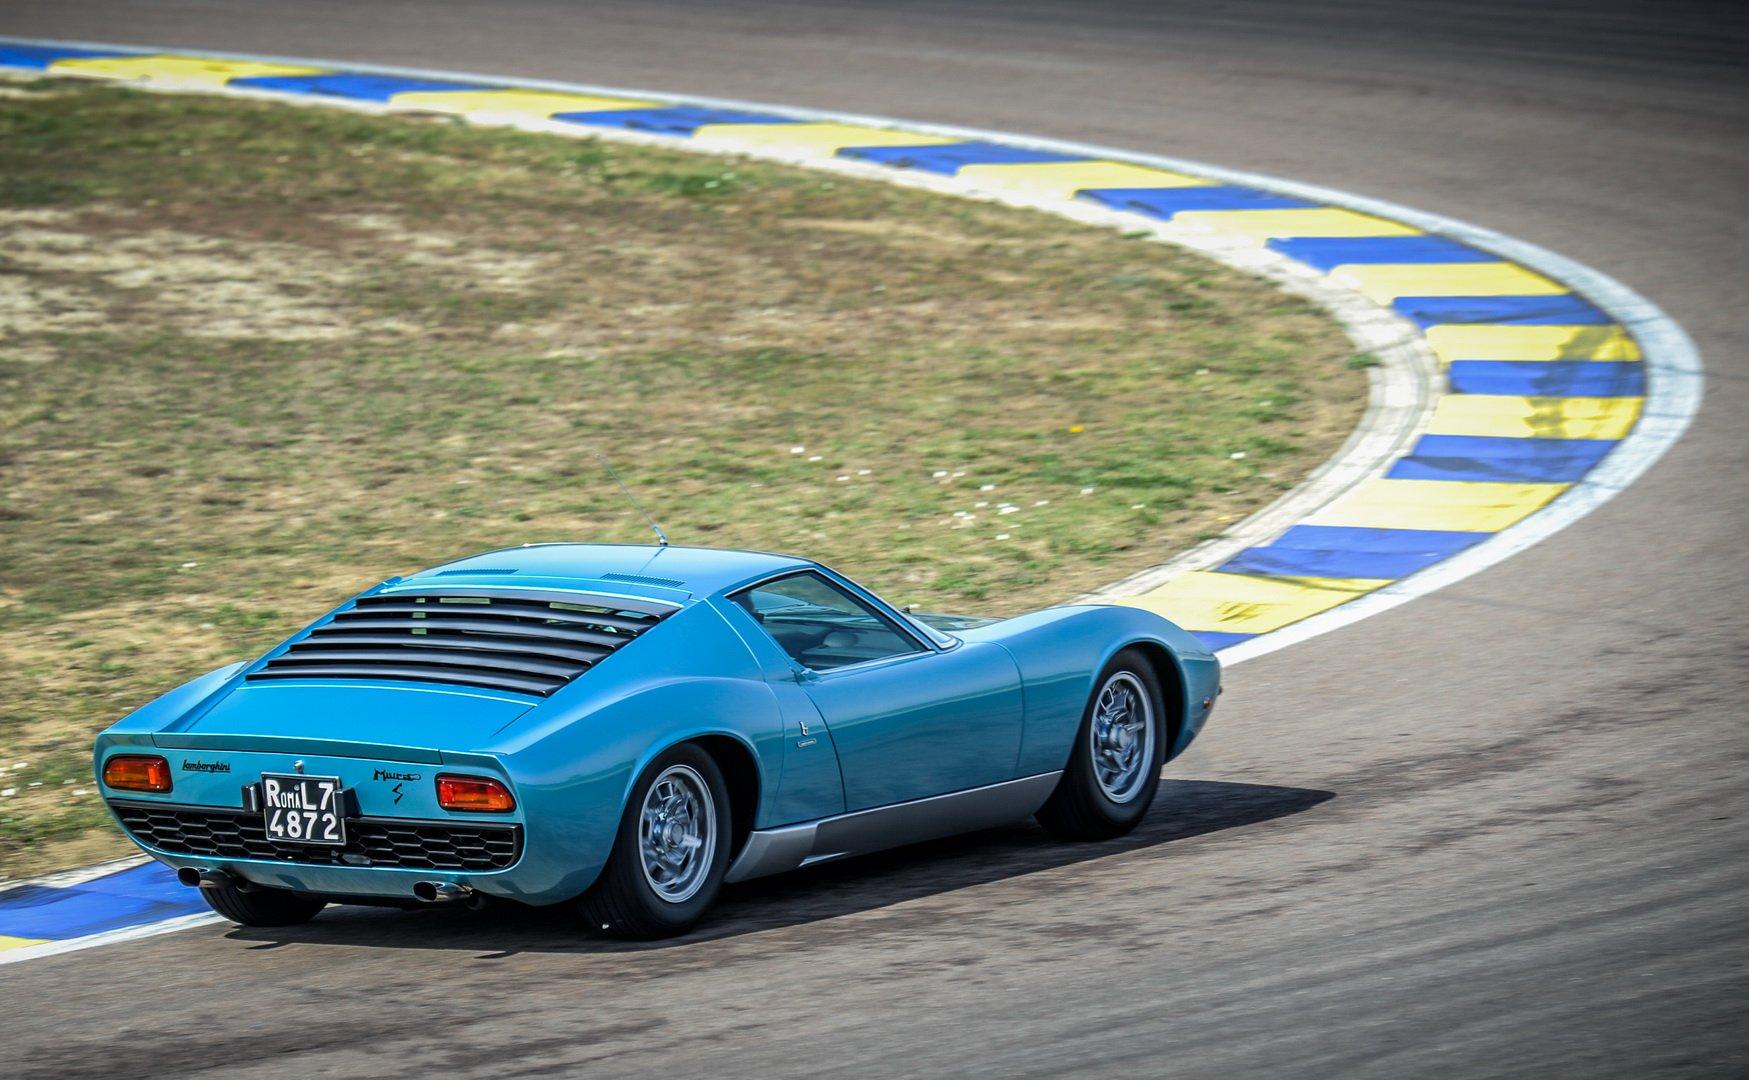 Lamborghini-Miura-P400-S-Azzurro-Mexico-13